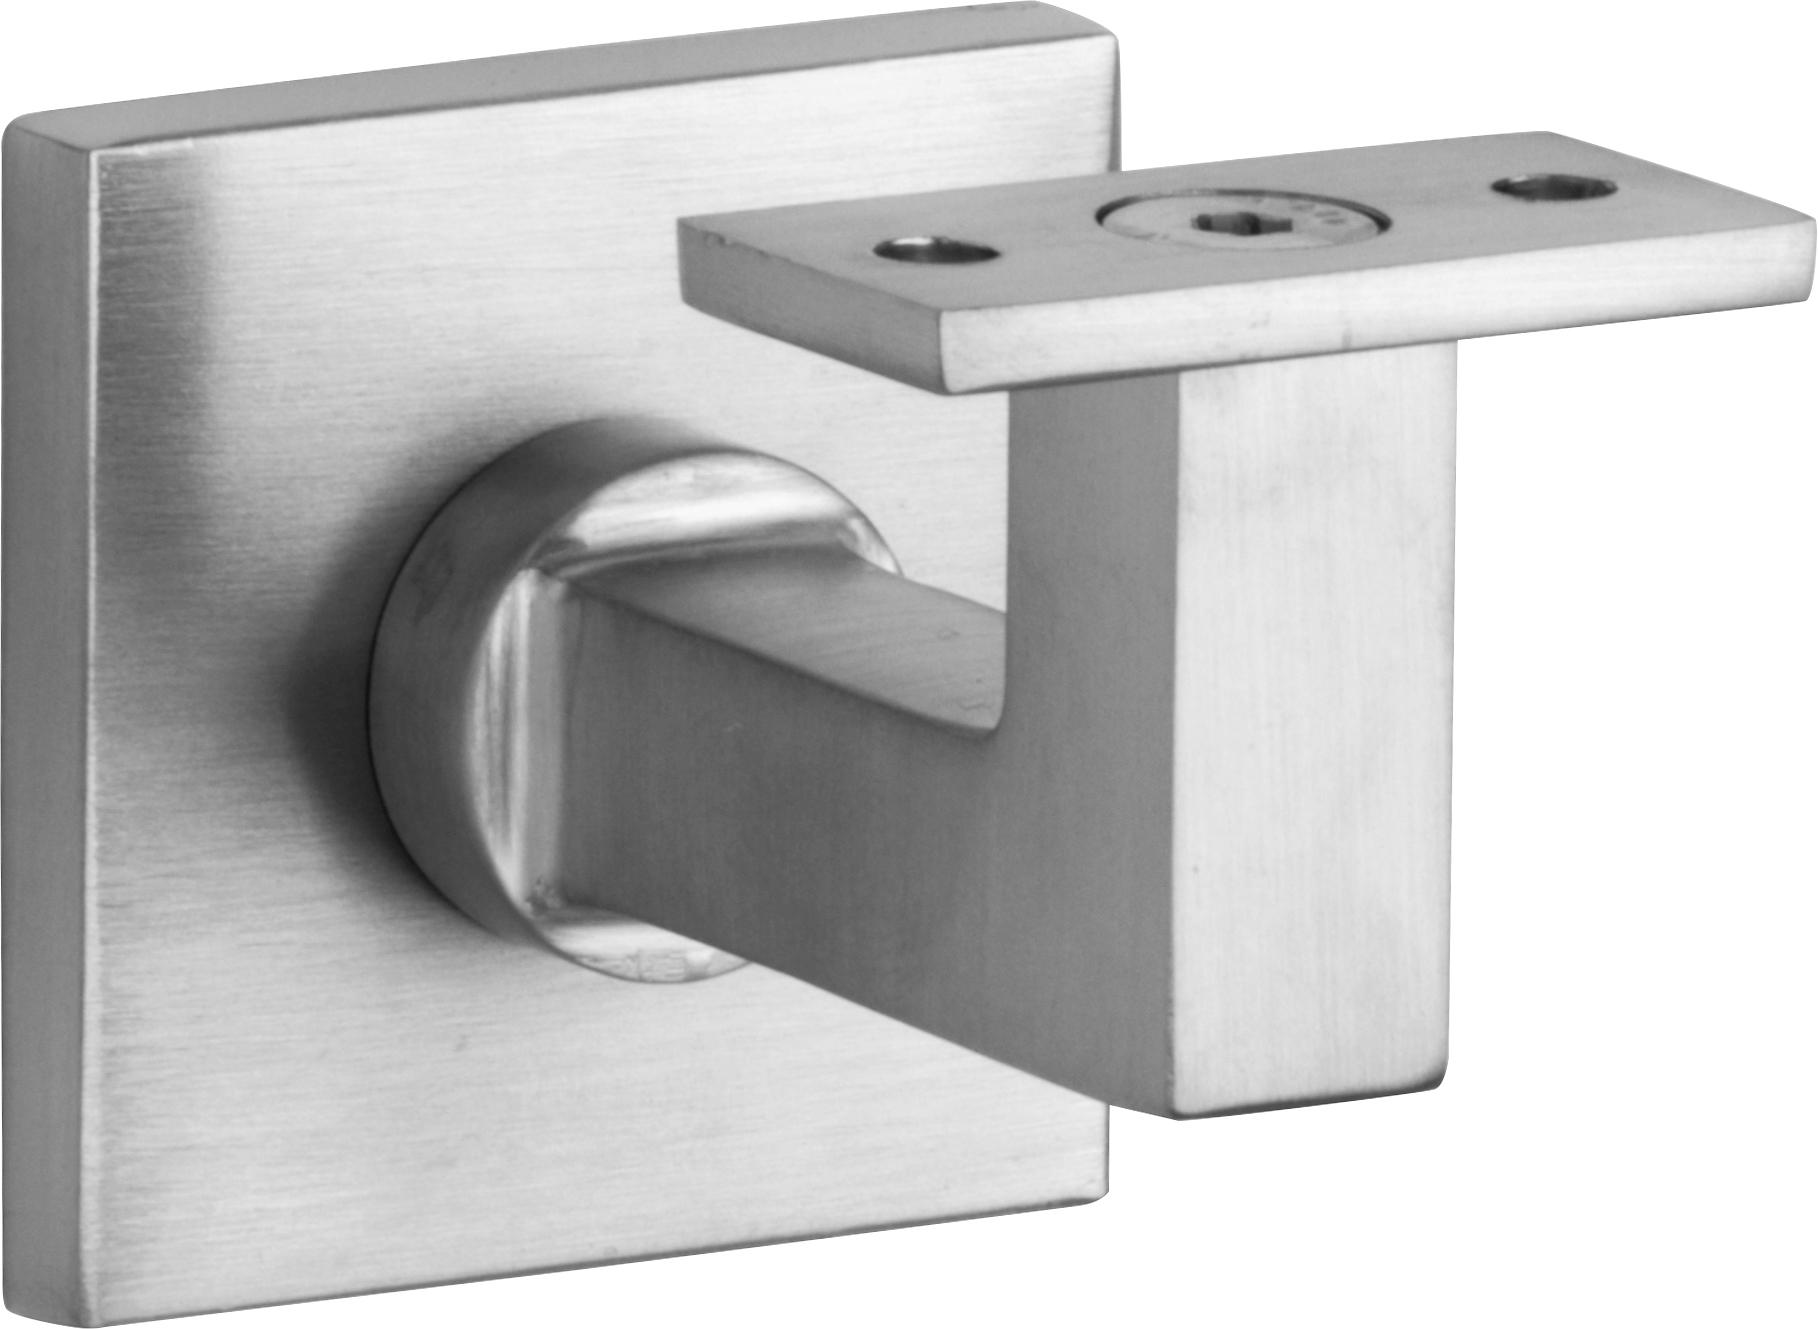 100.0007.15 Handlaufhalter  Bauhaus Stil Messing  vernickelt matt